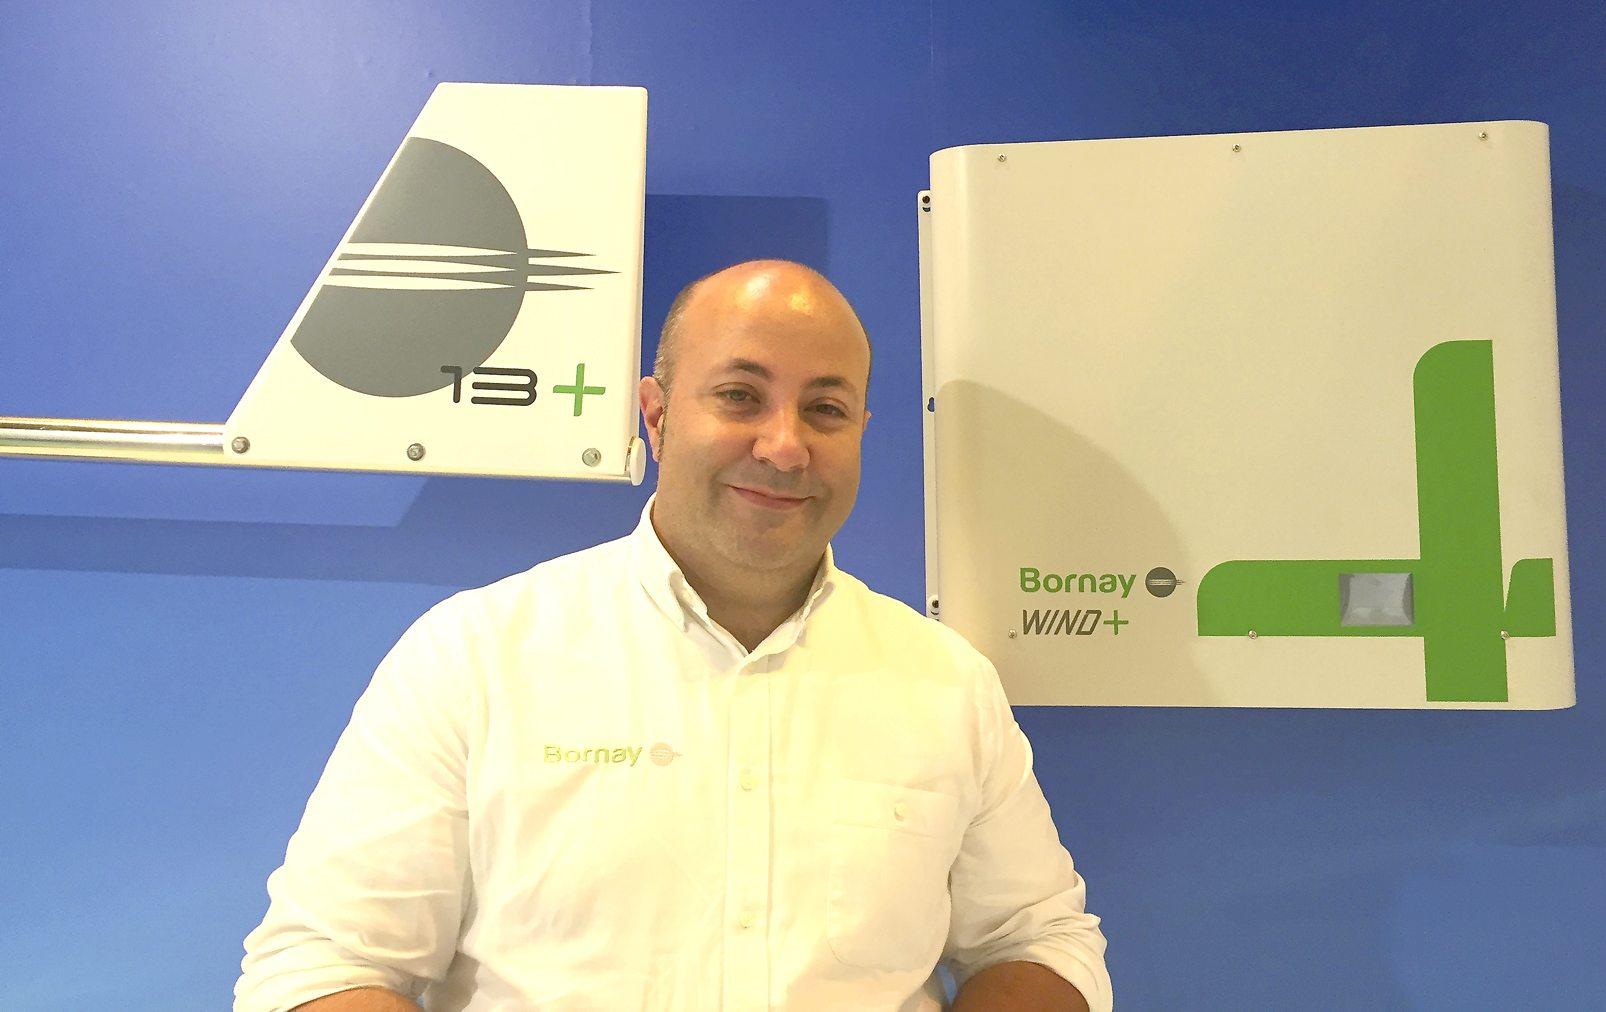 L'empresa Bornay s'unix a APPA Autoconsumo com a soci fundador